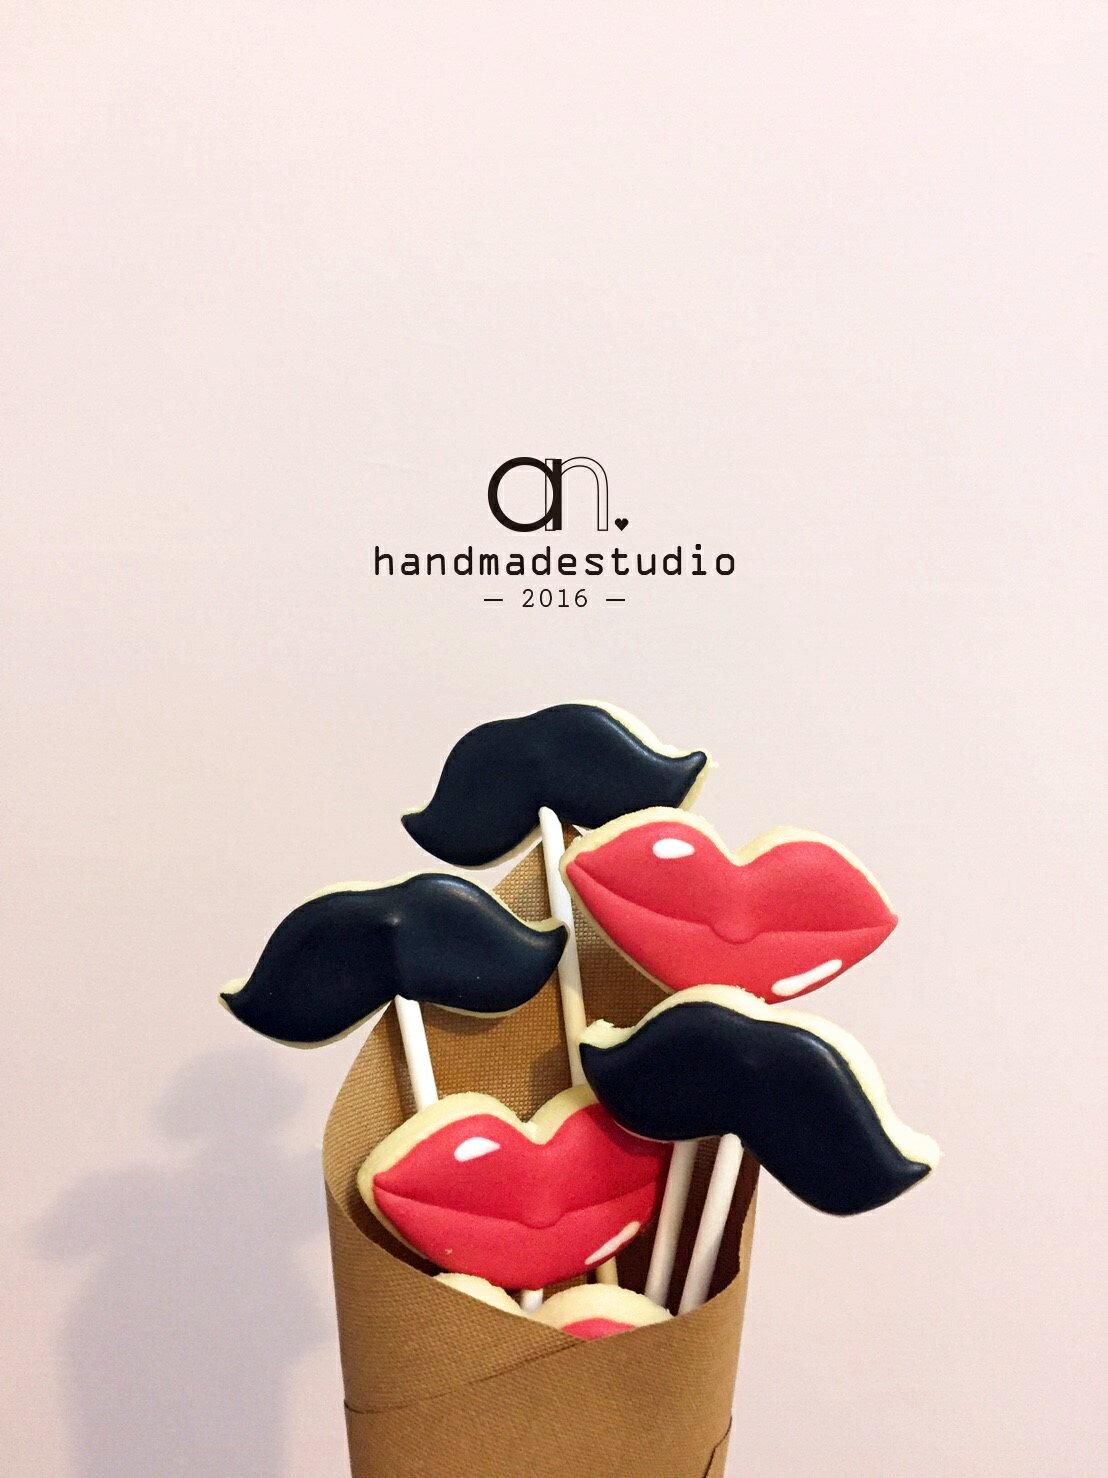 婚禮小物-鬍子先生與紅脣小姐浪漫棒棒糖霜餅乾(10支) by anStudio 0